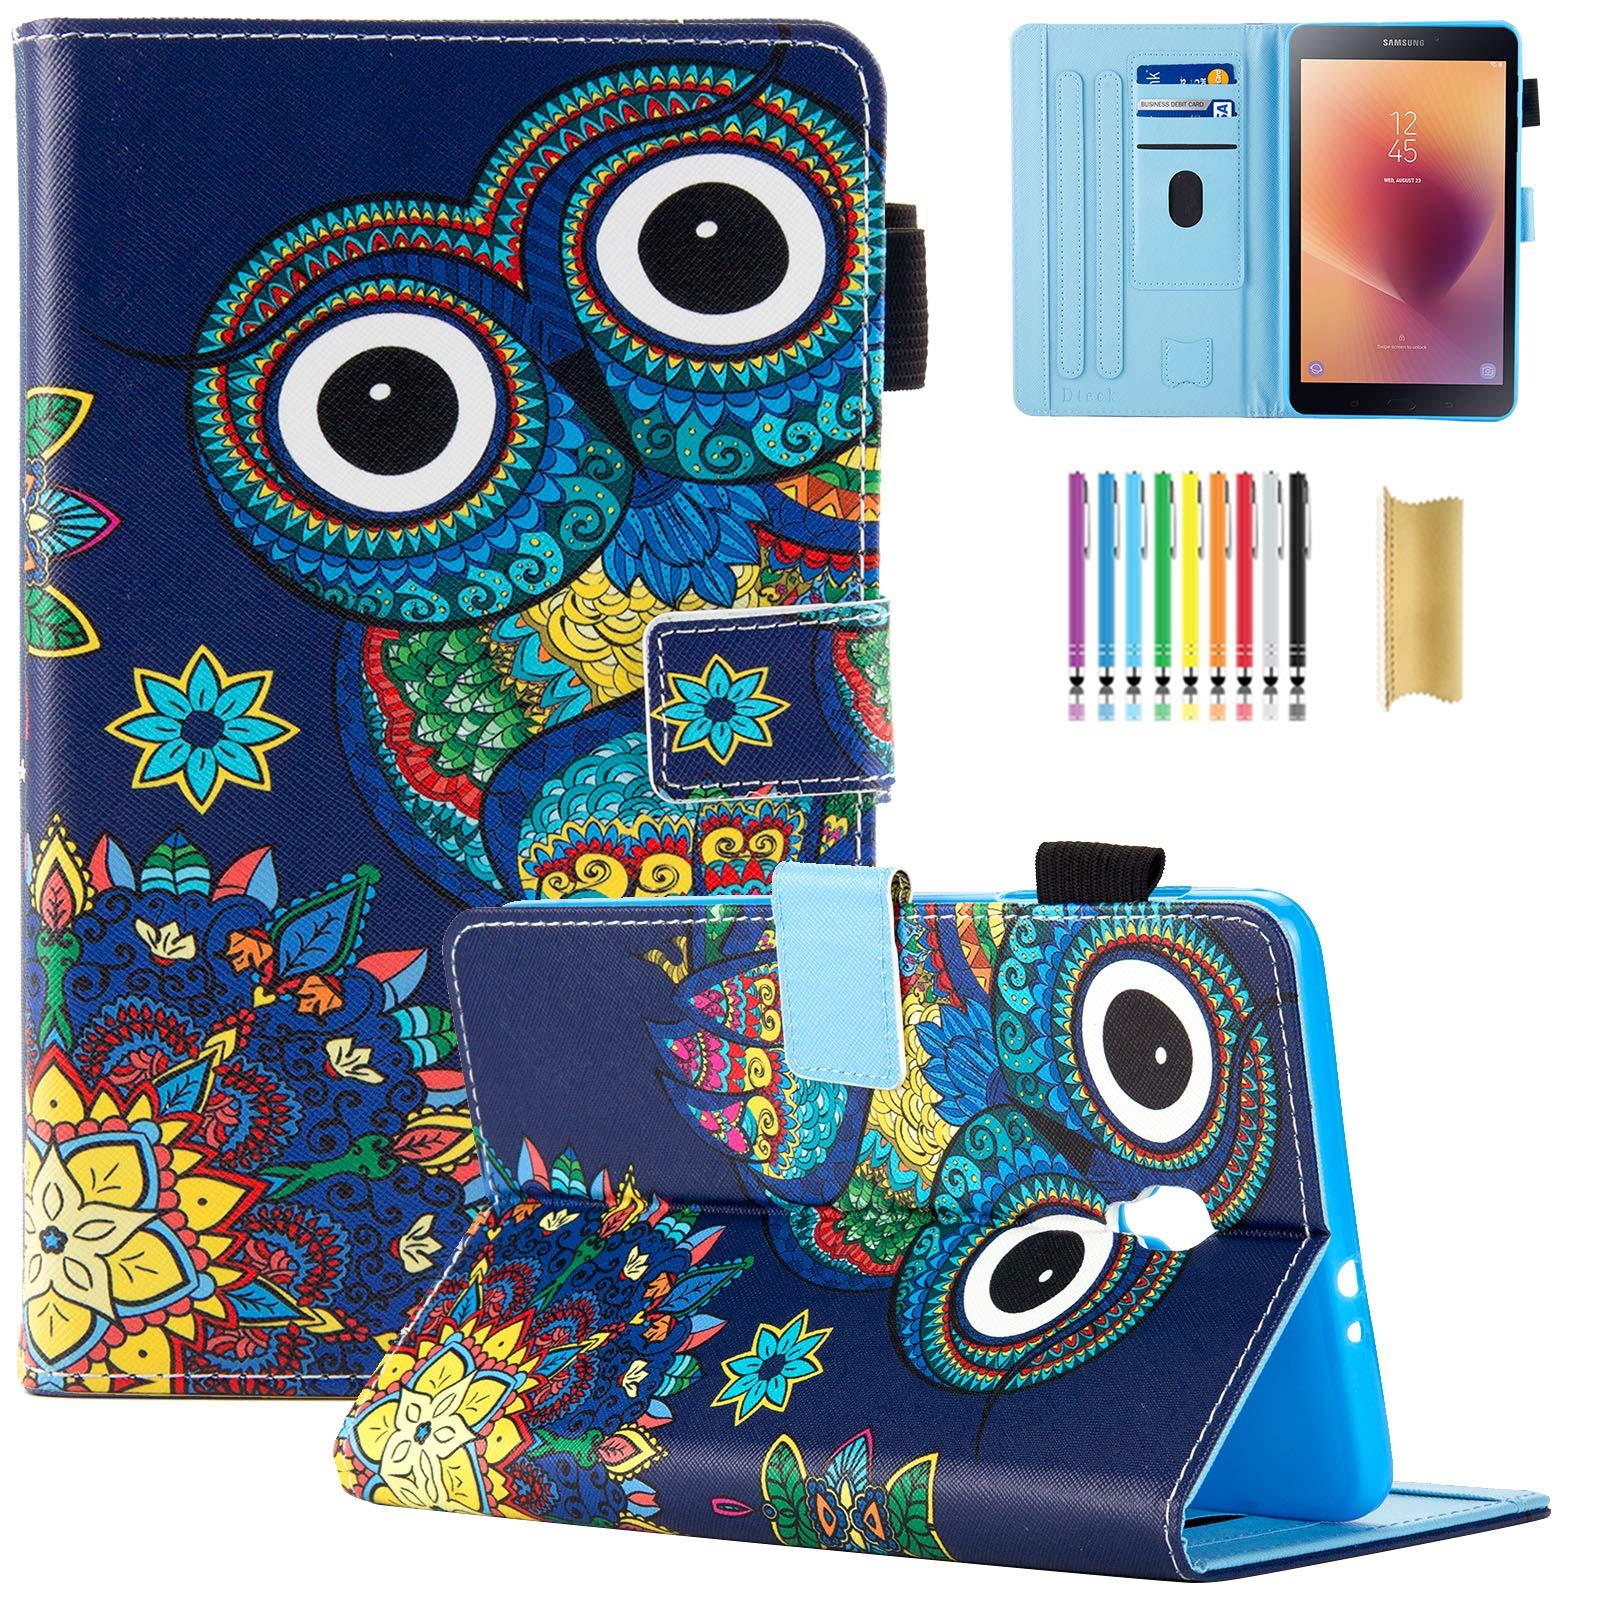 Funda Samsung Galaxy Tab A 8.0 (2017) Dteck [7qh6cszq]